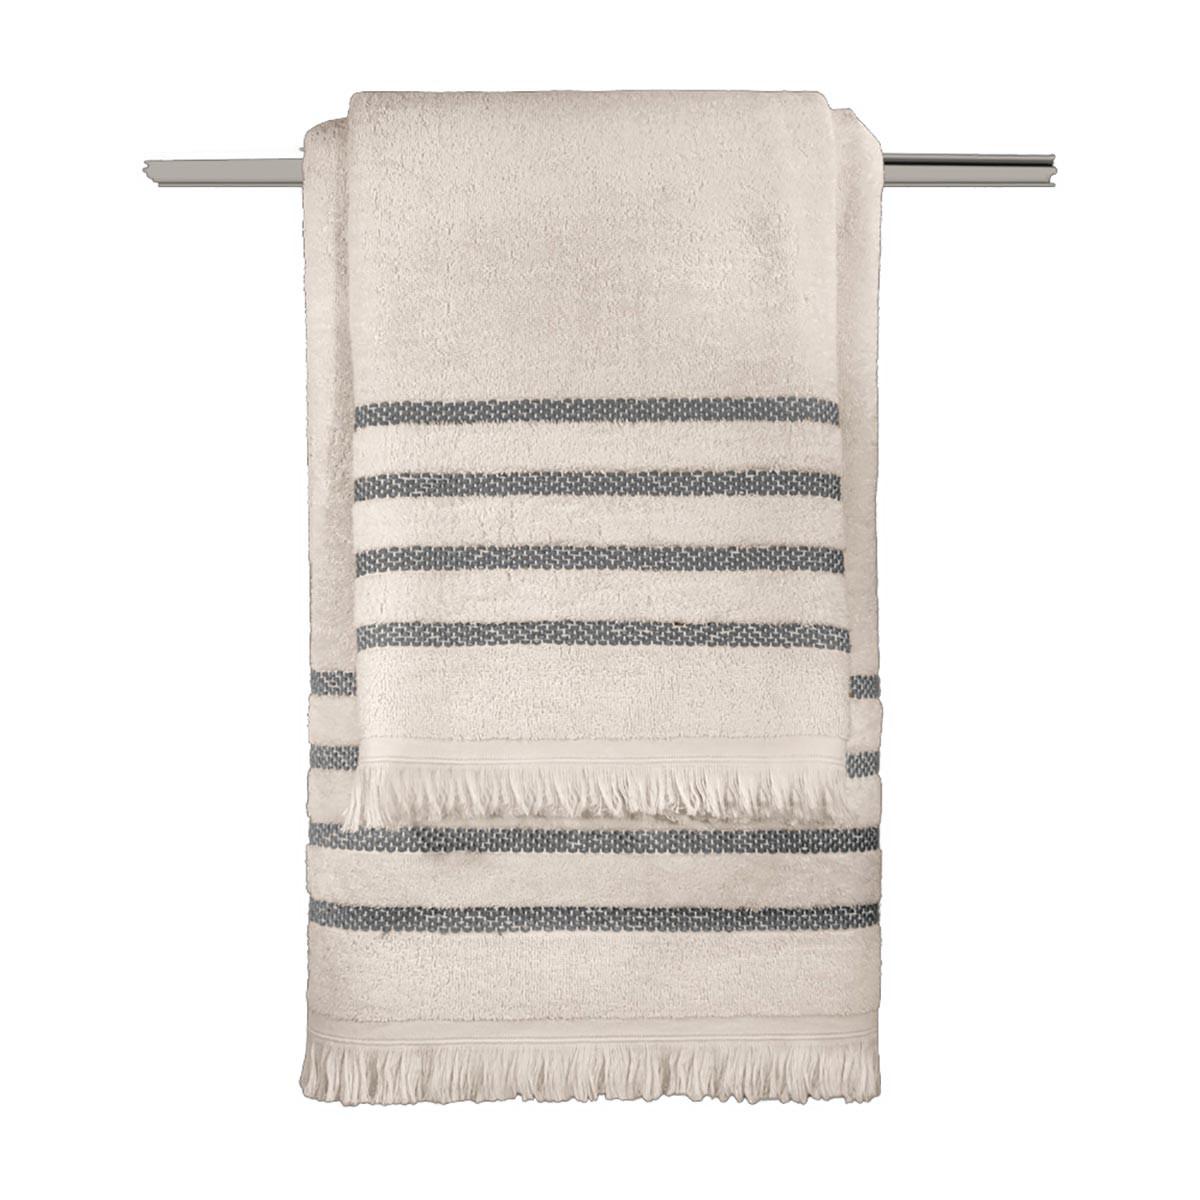 Πετσέτες Μπάνιου (Σετ 3τμχ) Guy Laroche Fabiana Beige